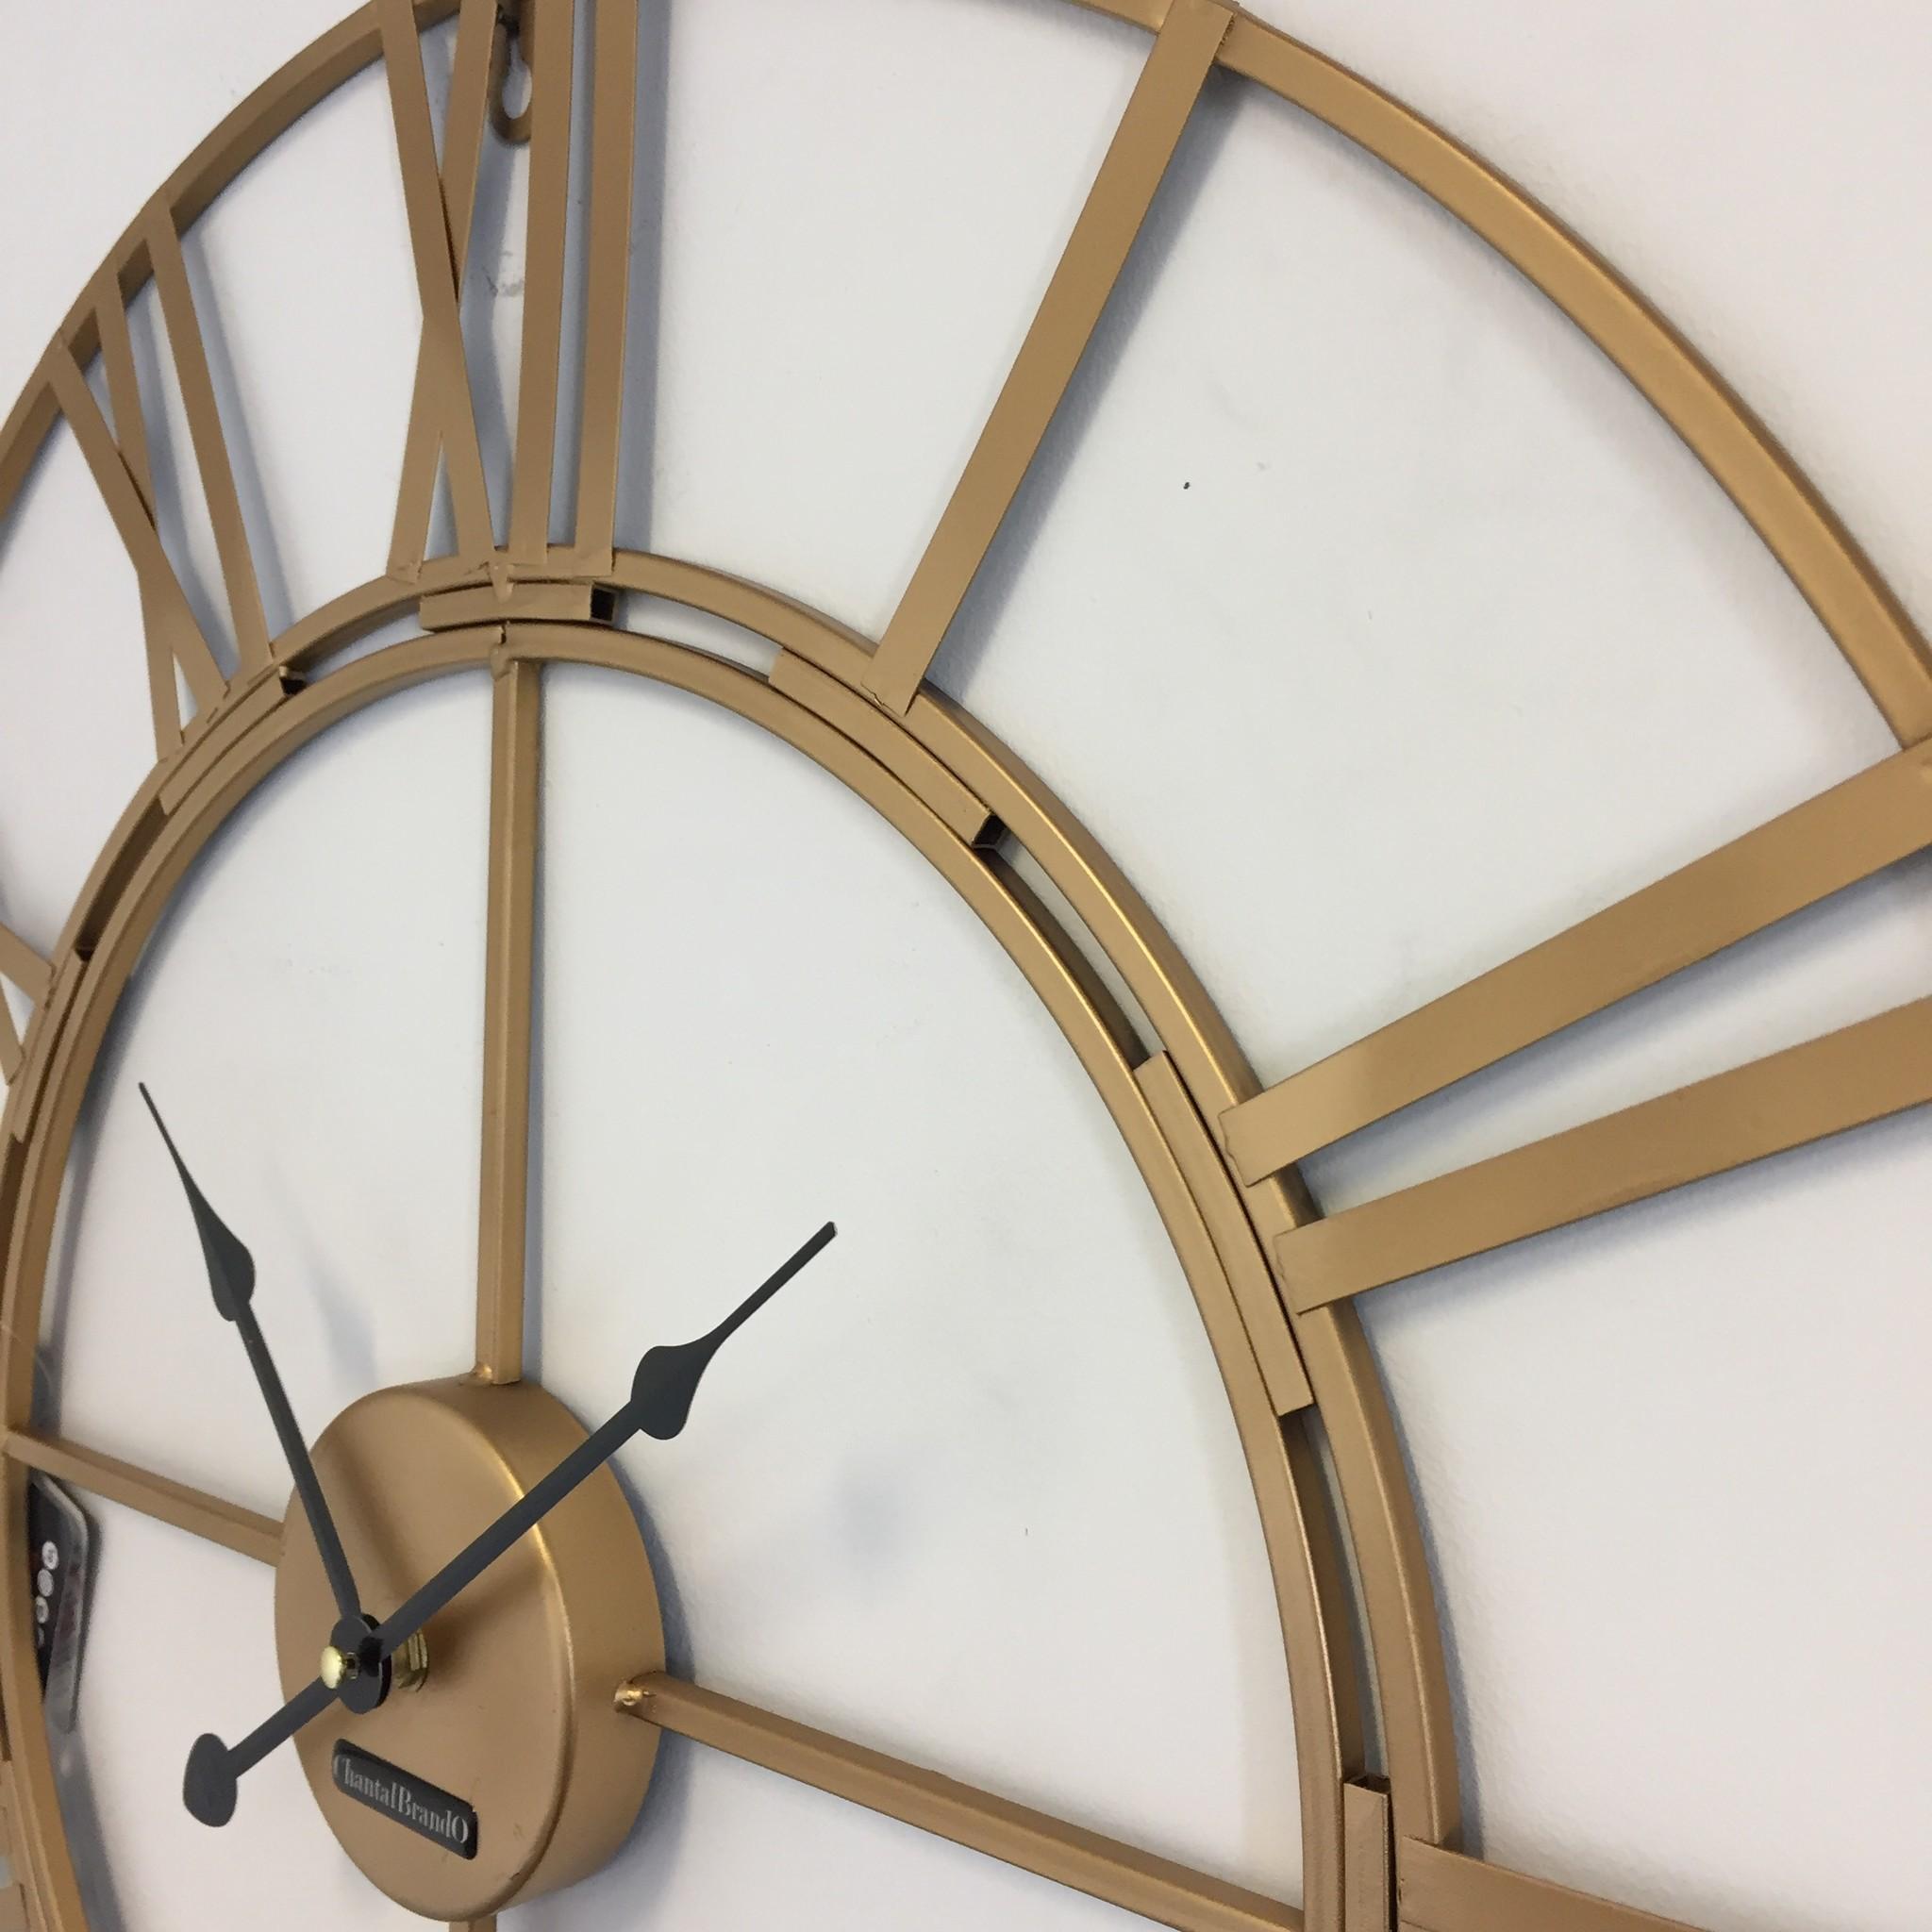 ChantalBrandO Wandklok Golden Wheel 60 Industrieel Retro Design